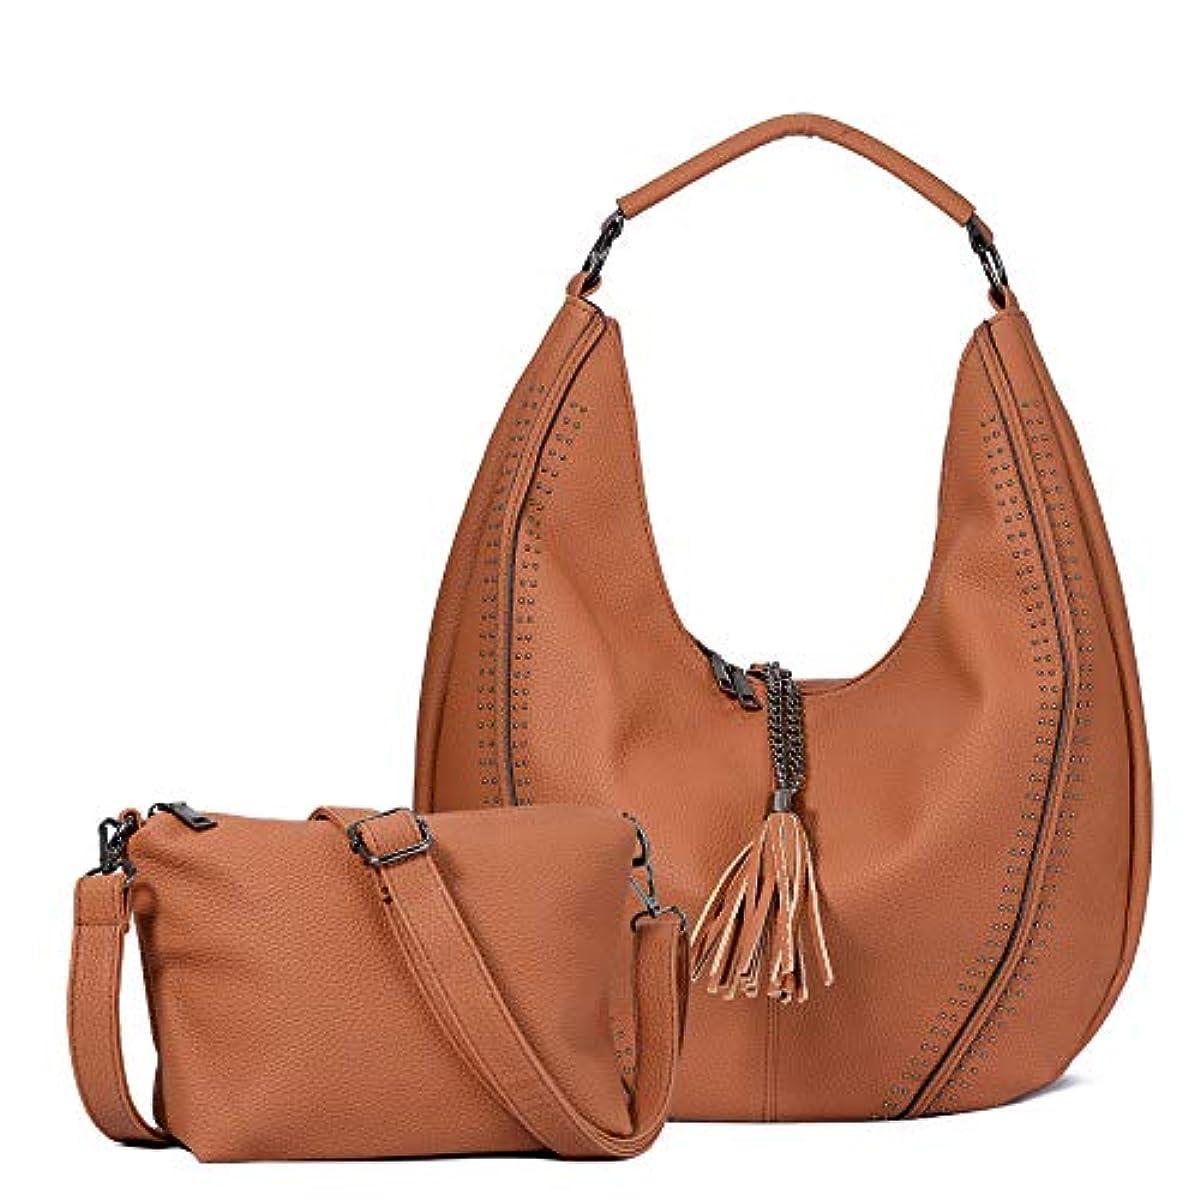 Details about WOZEAH Shoulder Bags for Women Large Ladies Crossbody Bag  with Tassel Set 2pcs 83020992d66bc